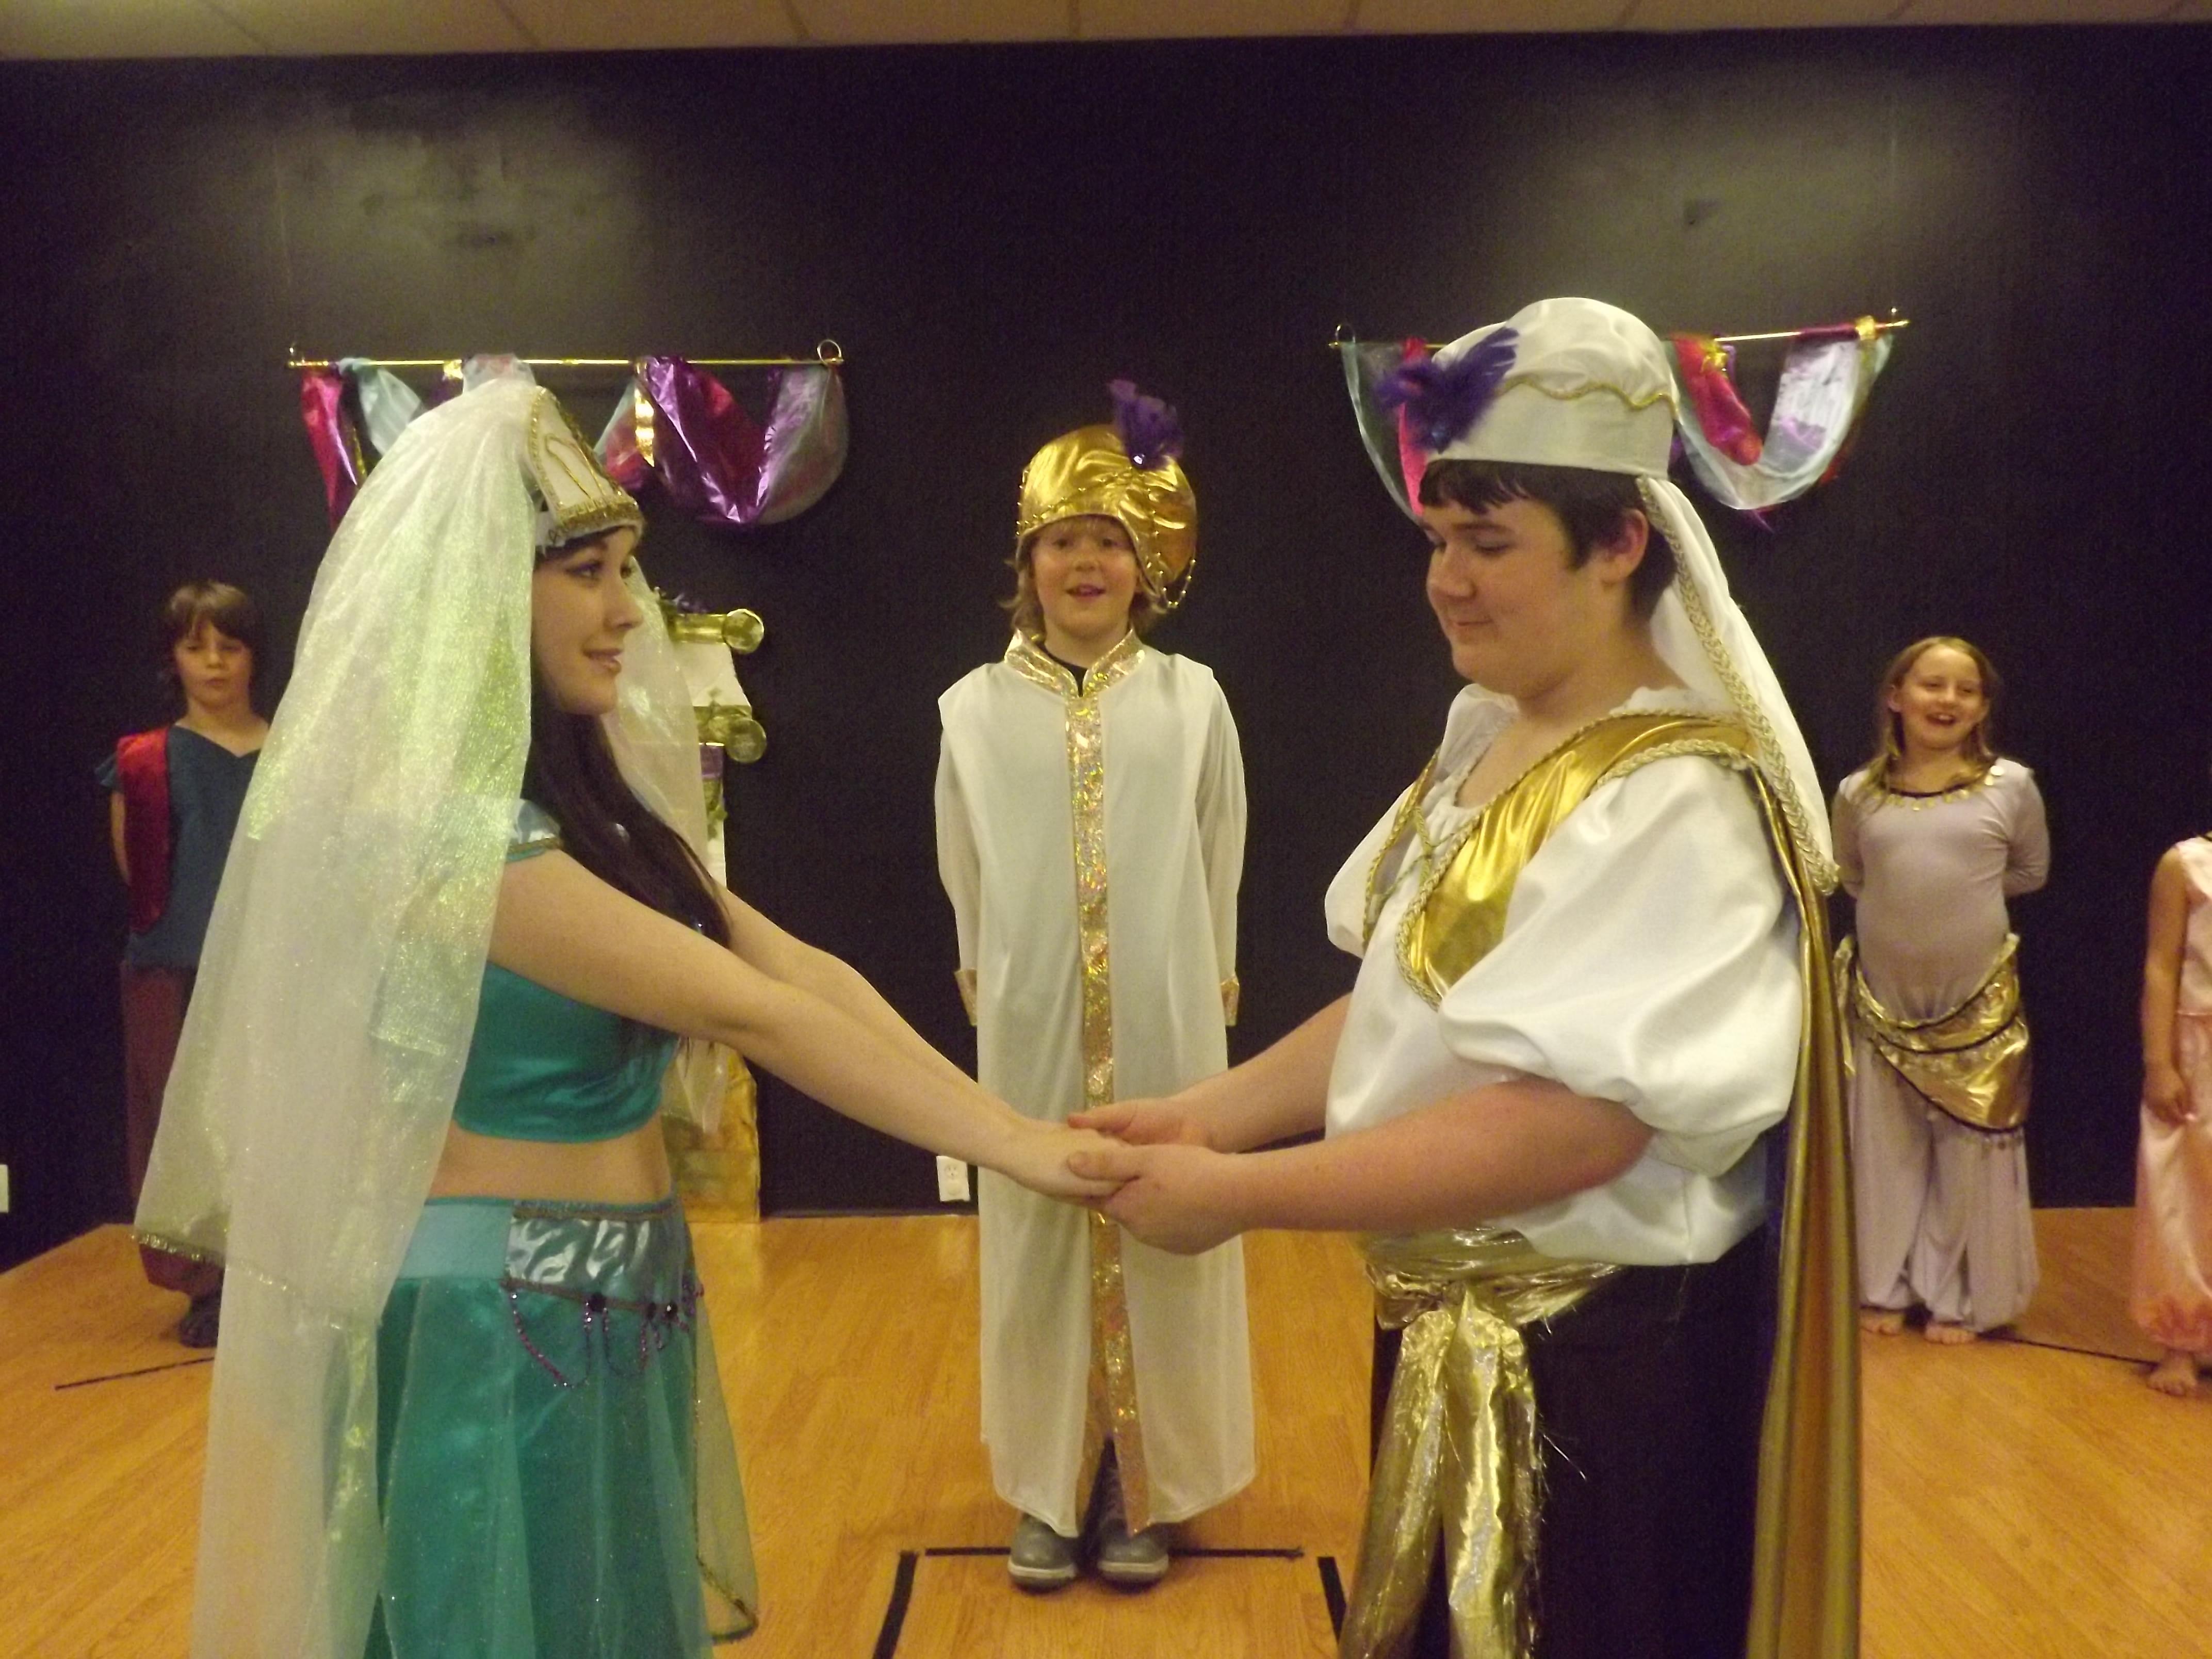 Jasmine, Aladdin and the Sultan